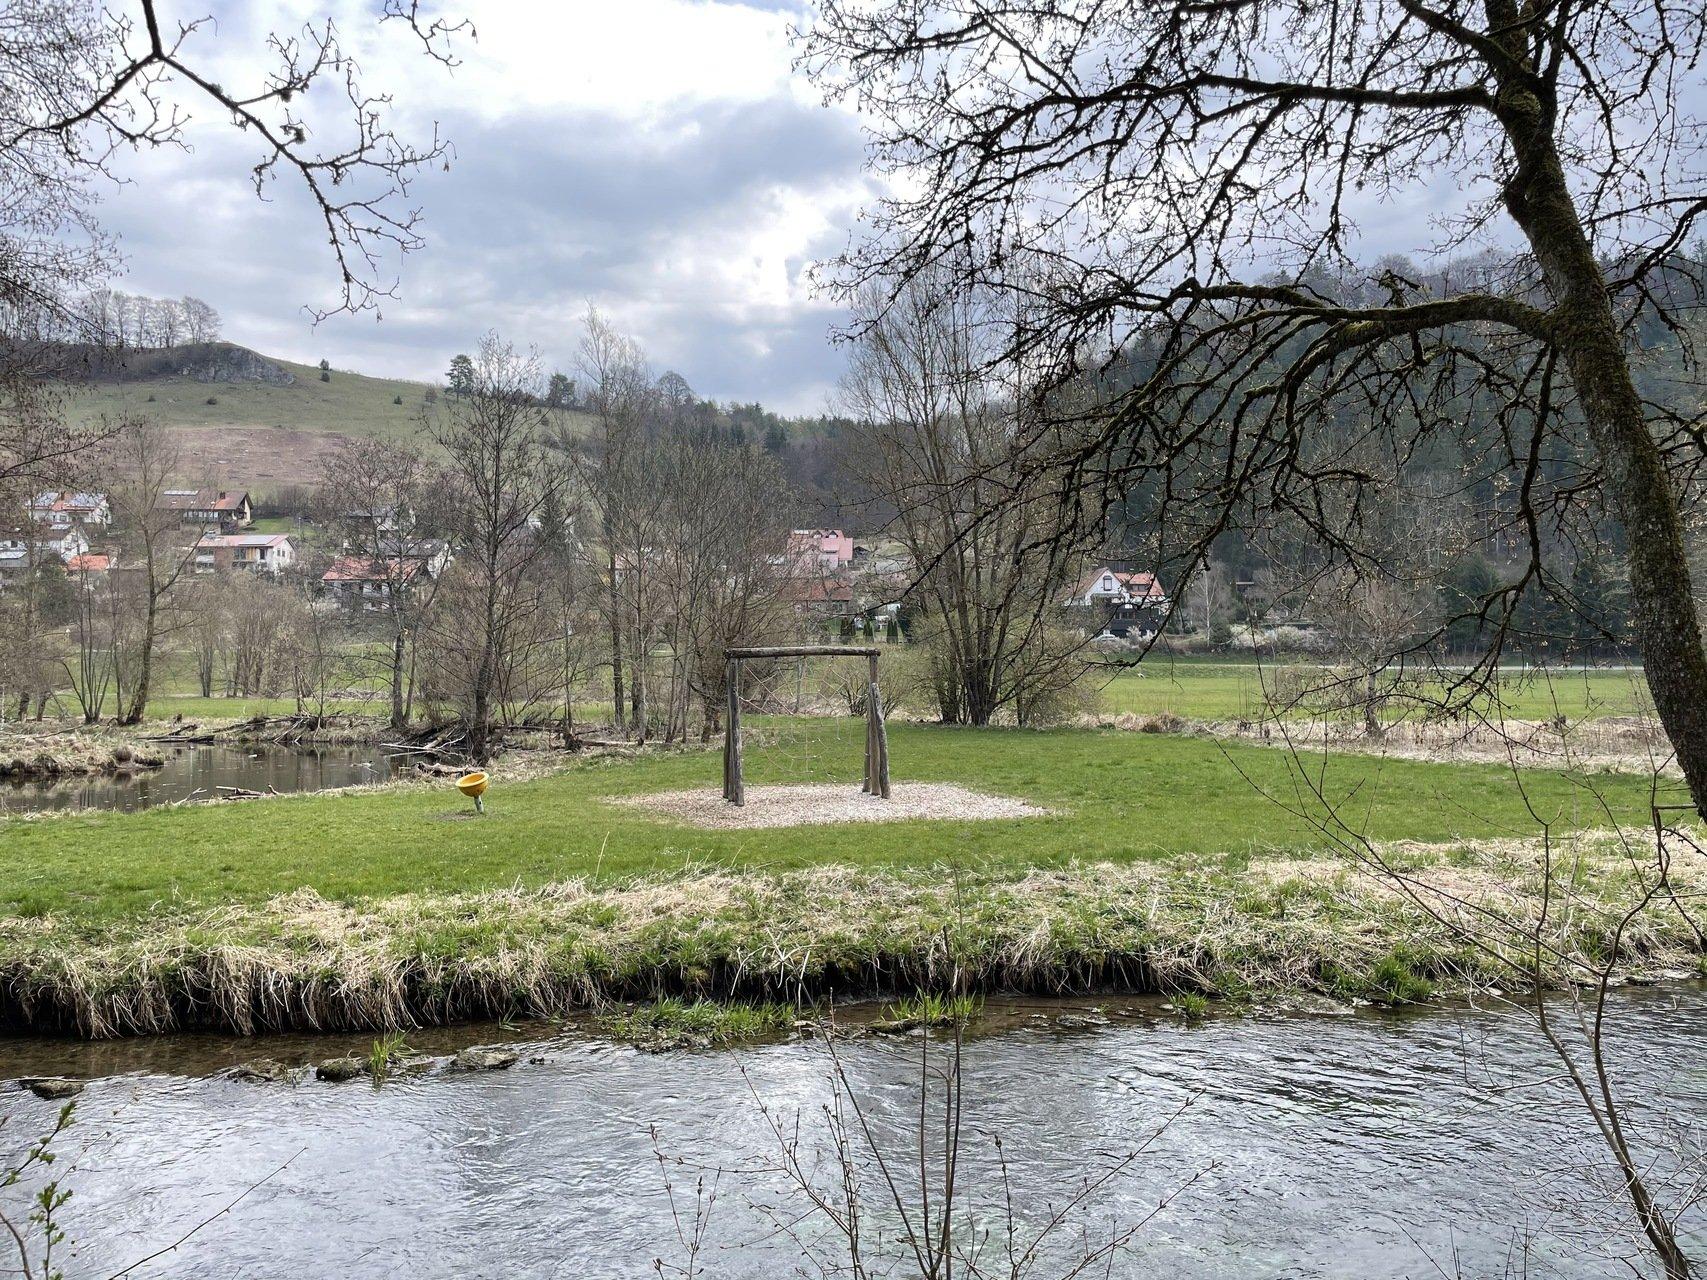 Im Vordergrund fließt ein Fluß in Hindergrund ist ein Kletternetz auf der linken Seite steht eine gelbe Wippe